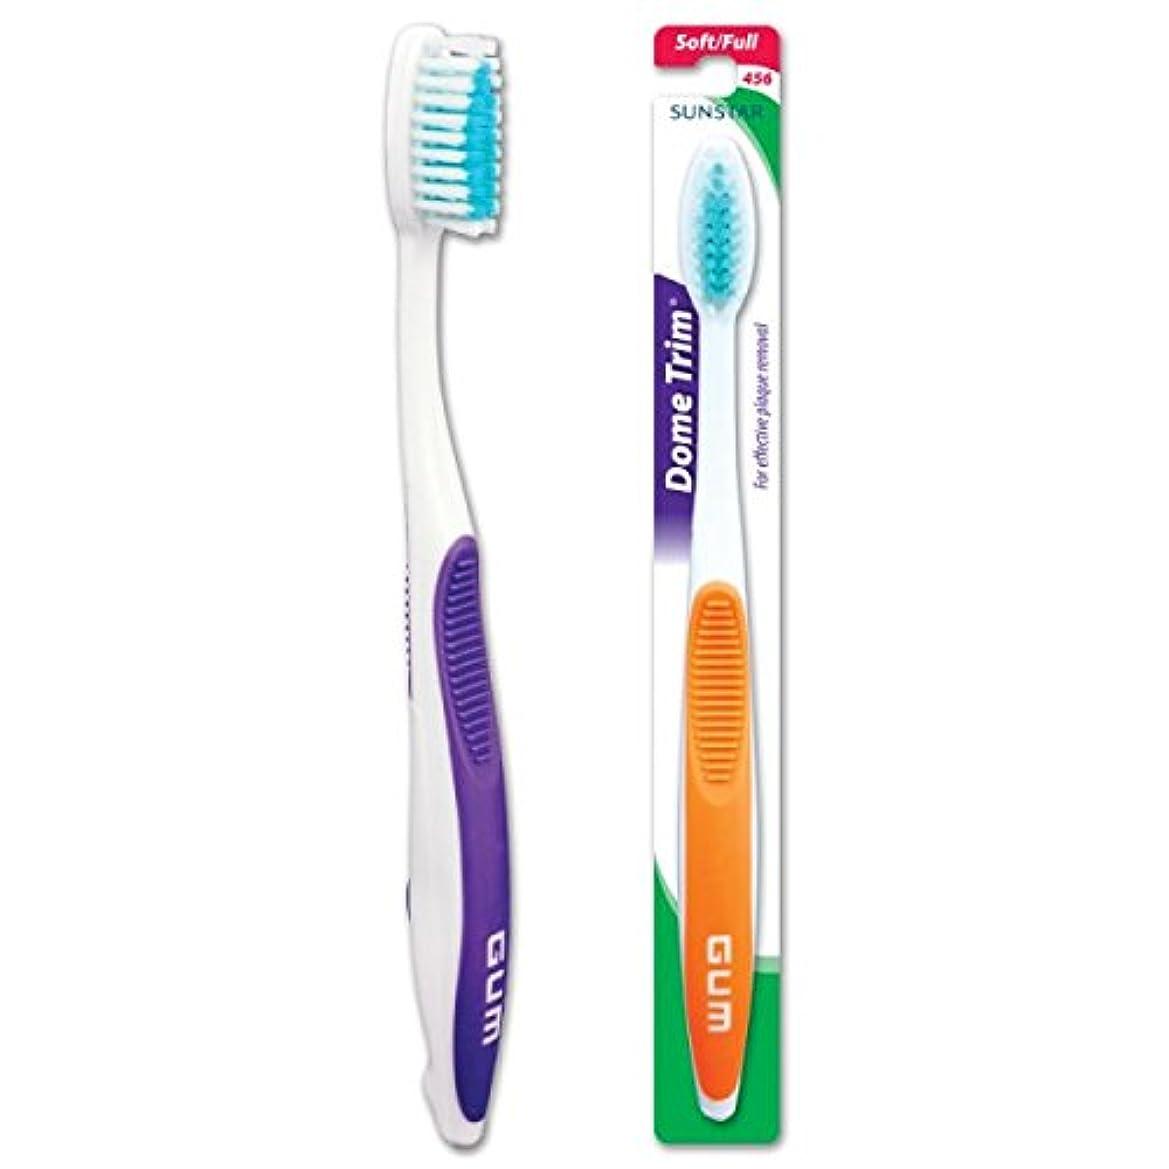 徹底的にとらえどころのないヒュームGUM Dome Trim Soft Toothbrush